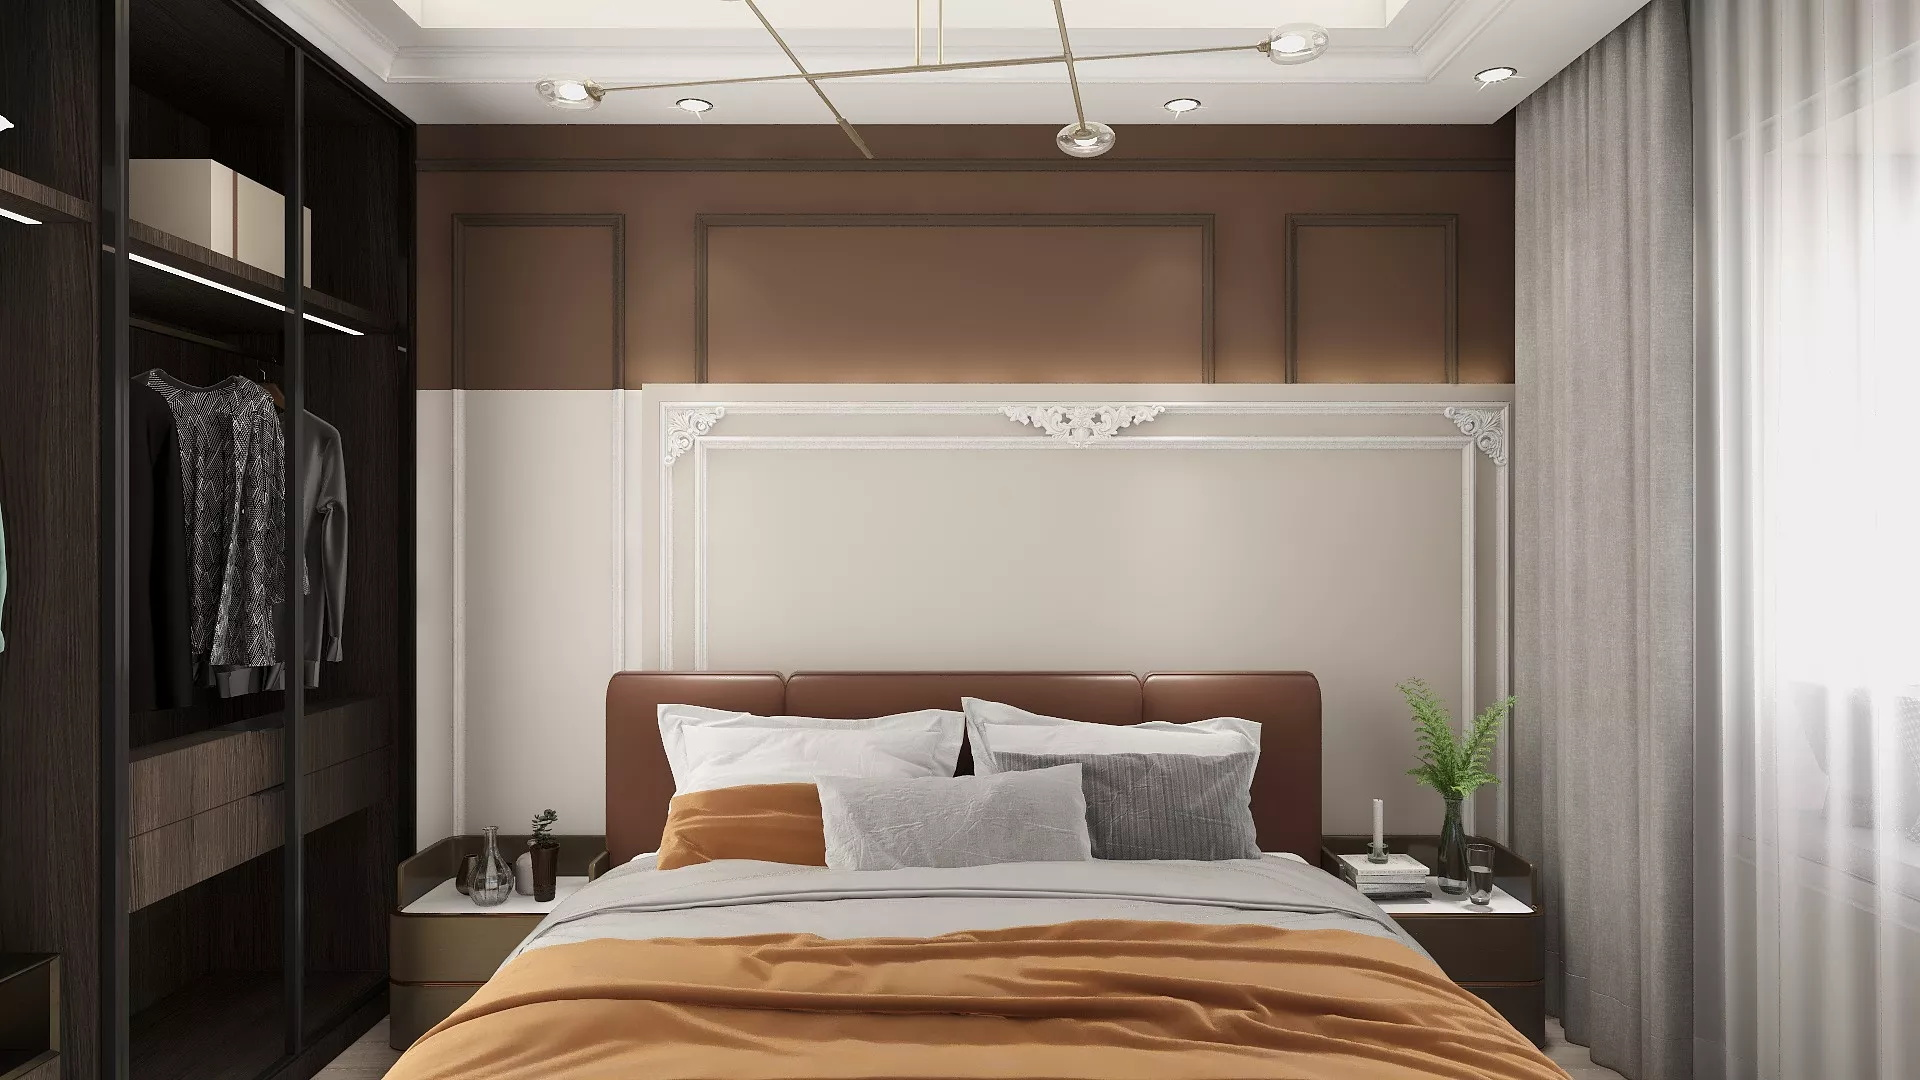 现代简约时尚优雅风格公寓装修设计效果图